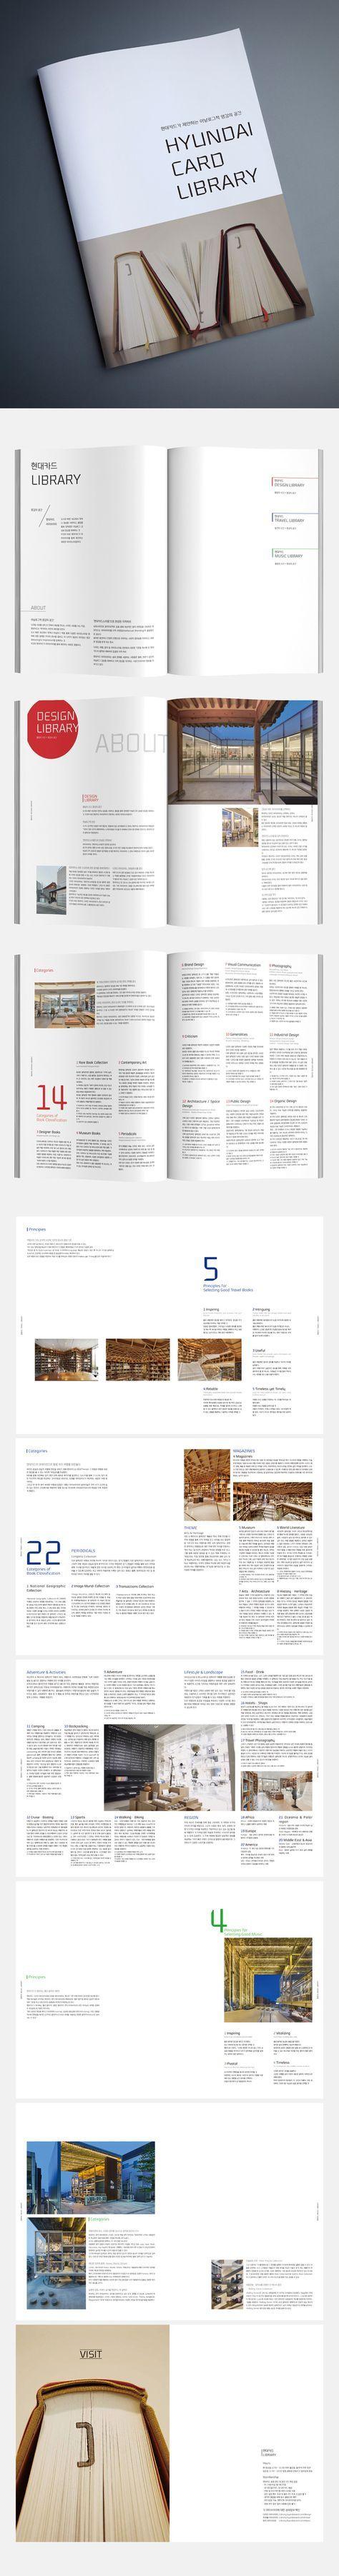 브로슈어 - 그래픽 디자인, 브랜딩/편집